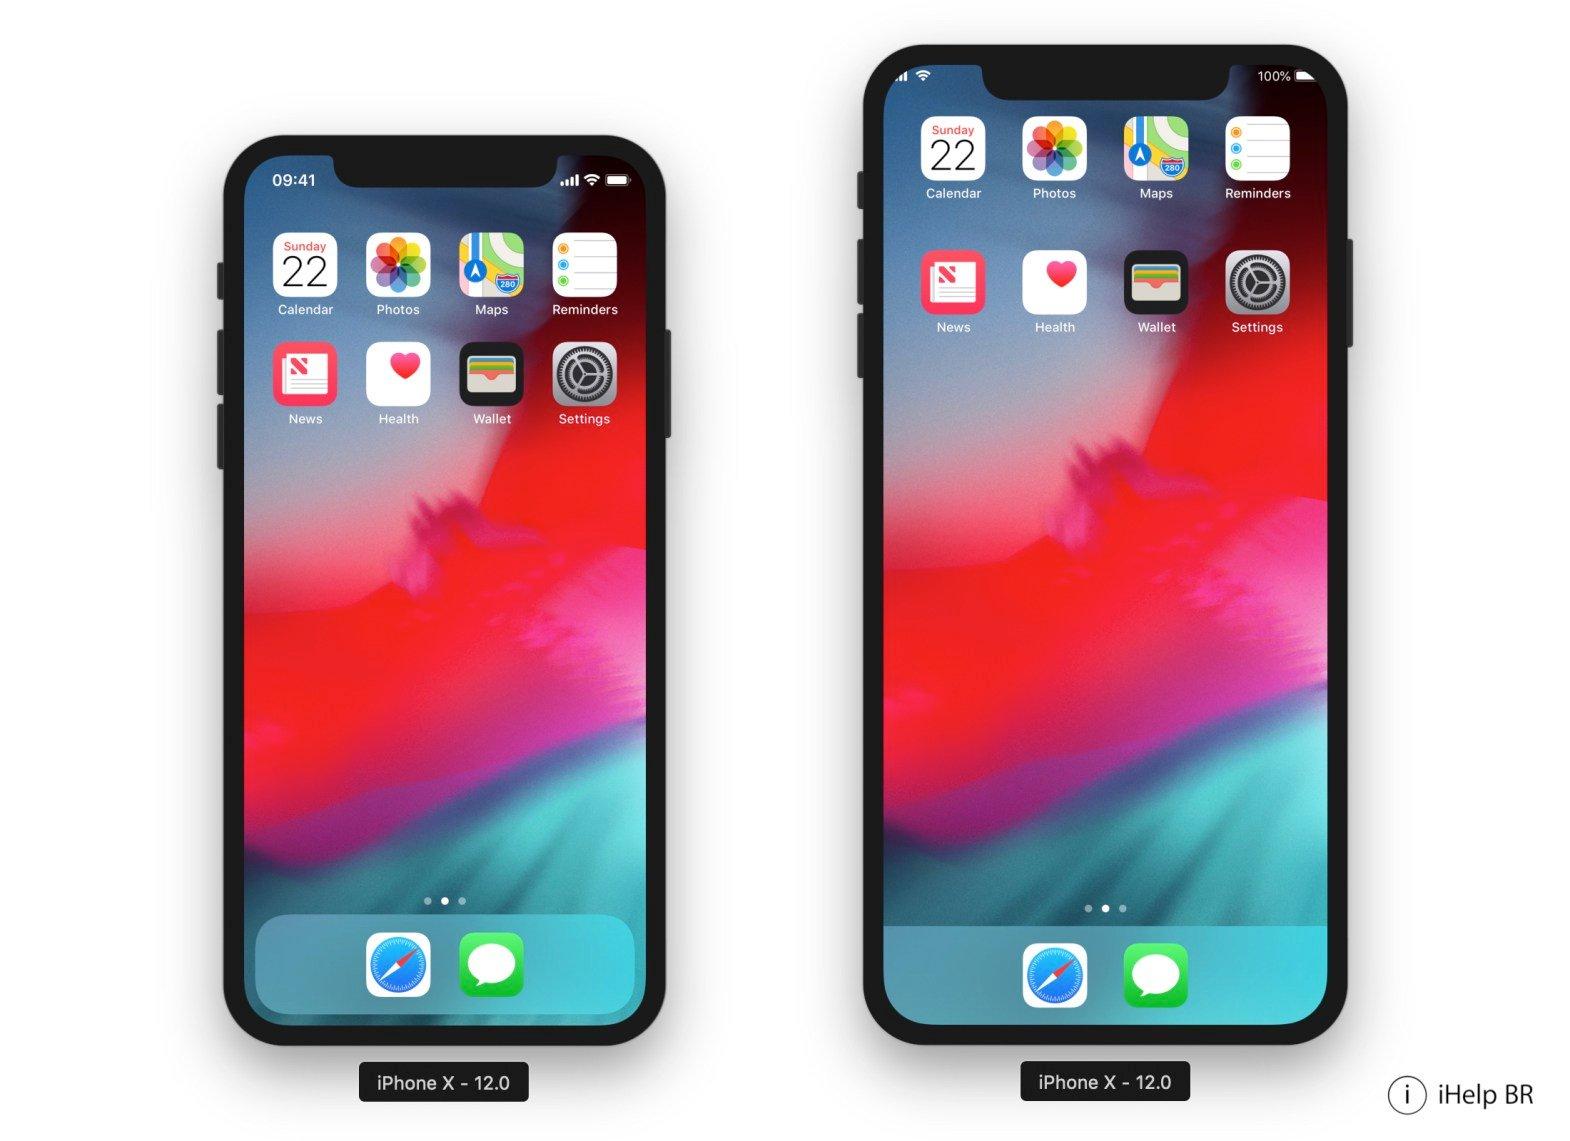 La définition supposée de l'iPhone X «Plus» est déjà largement supportée dans iOS 12 : captures 1